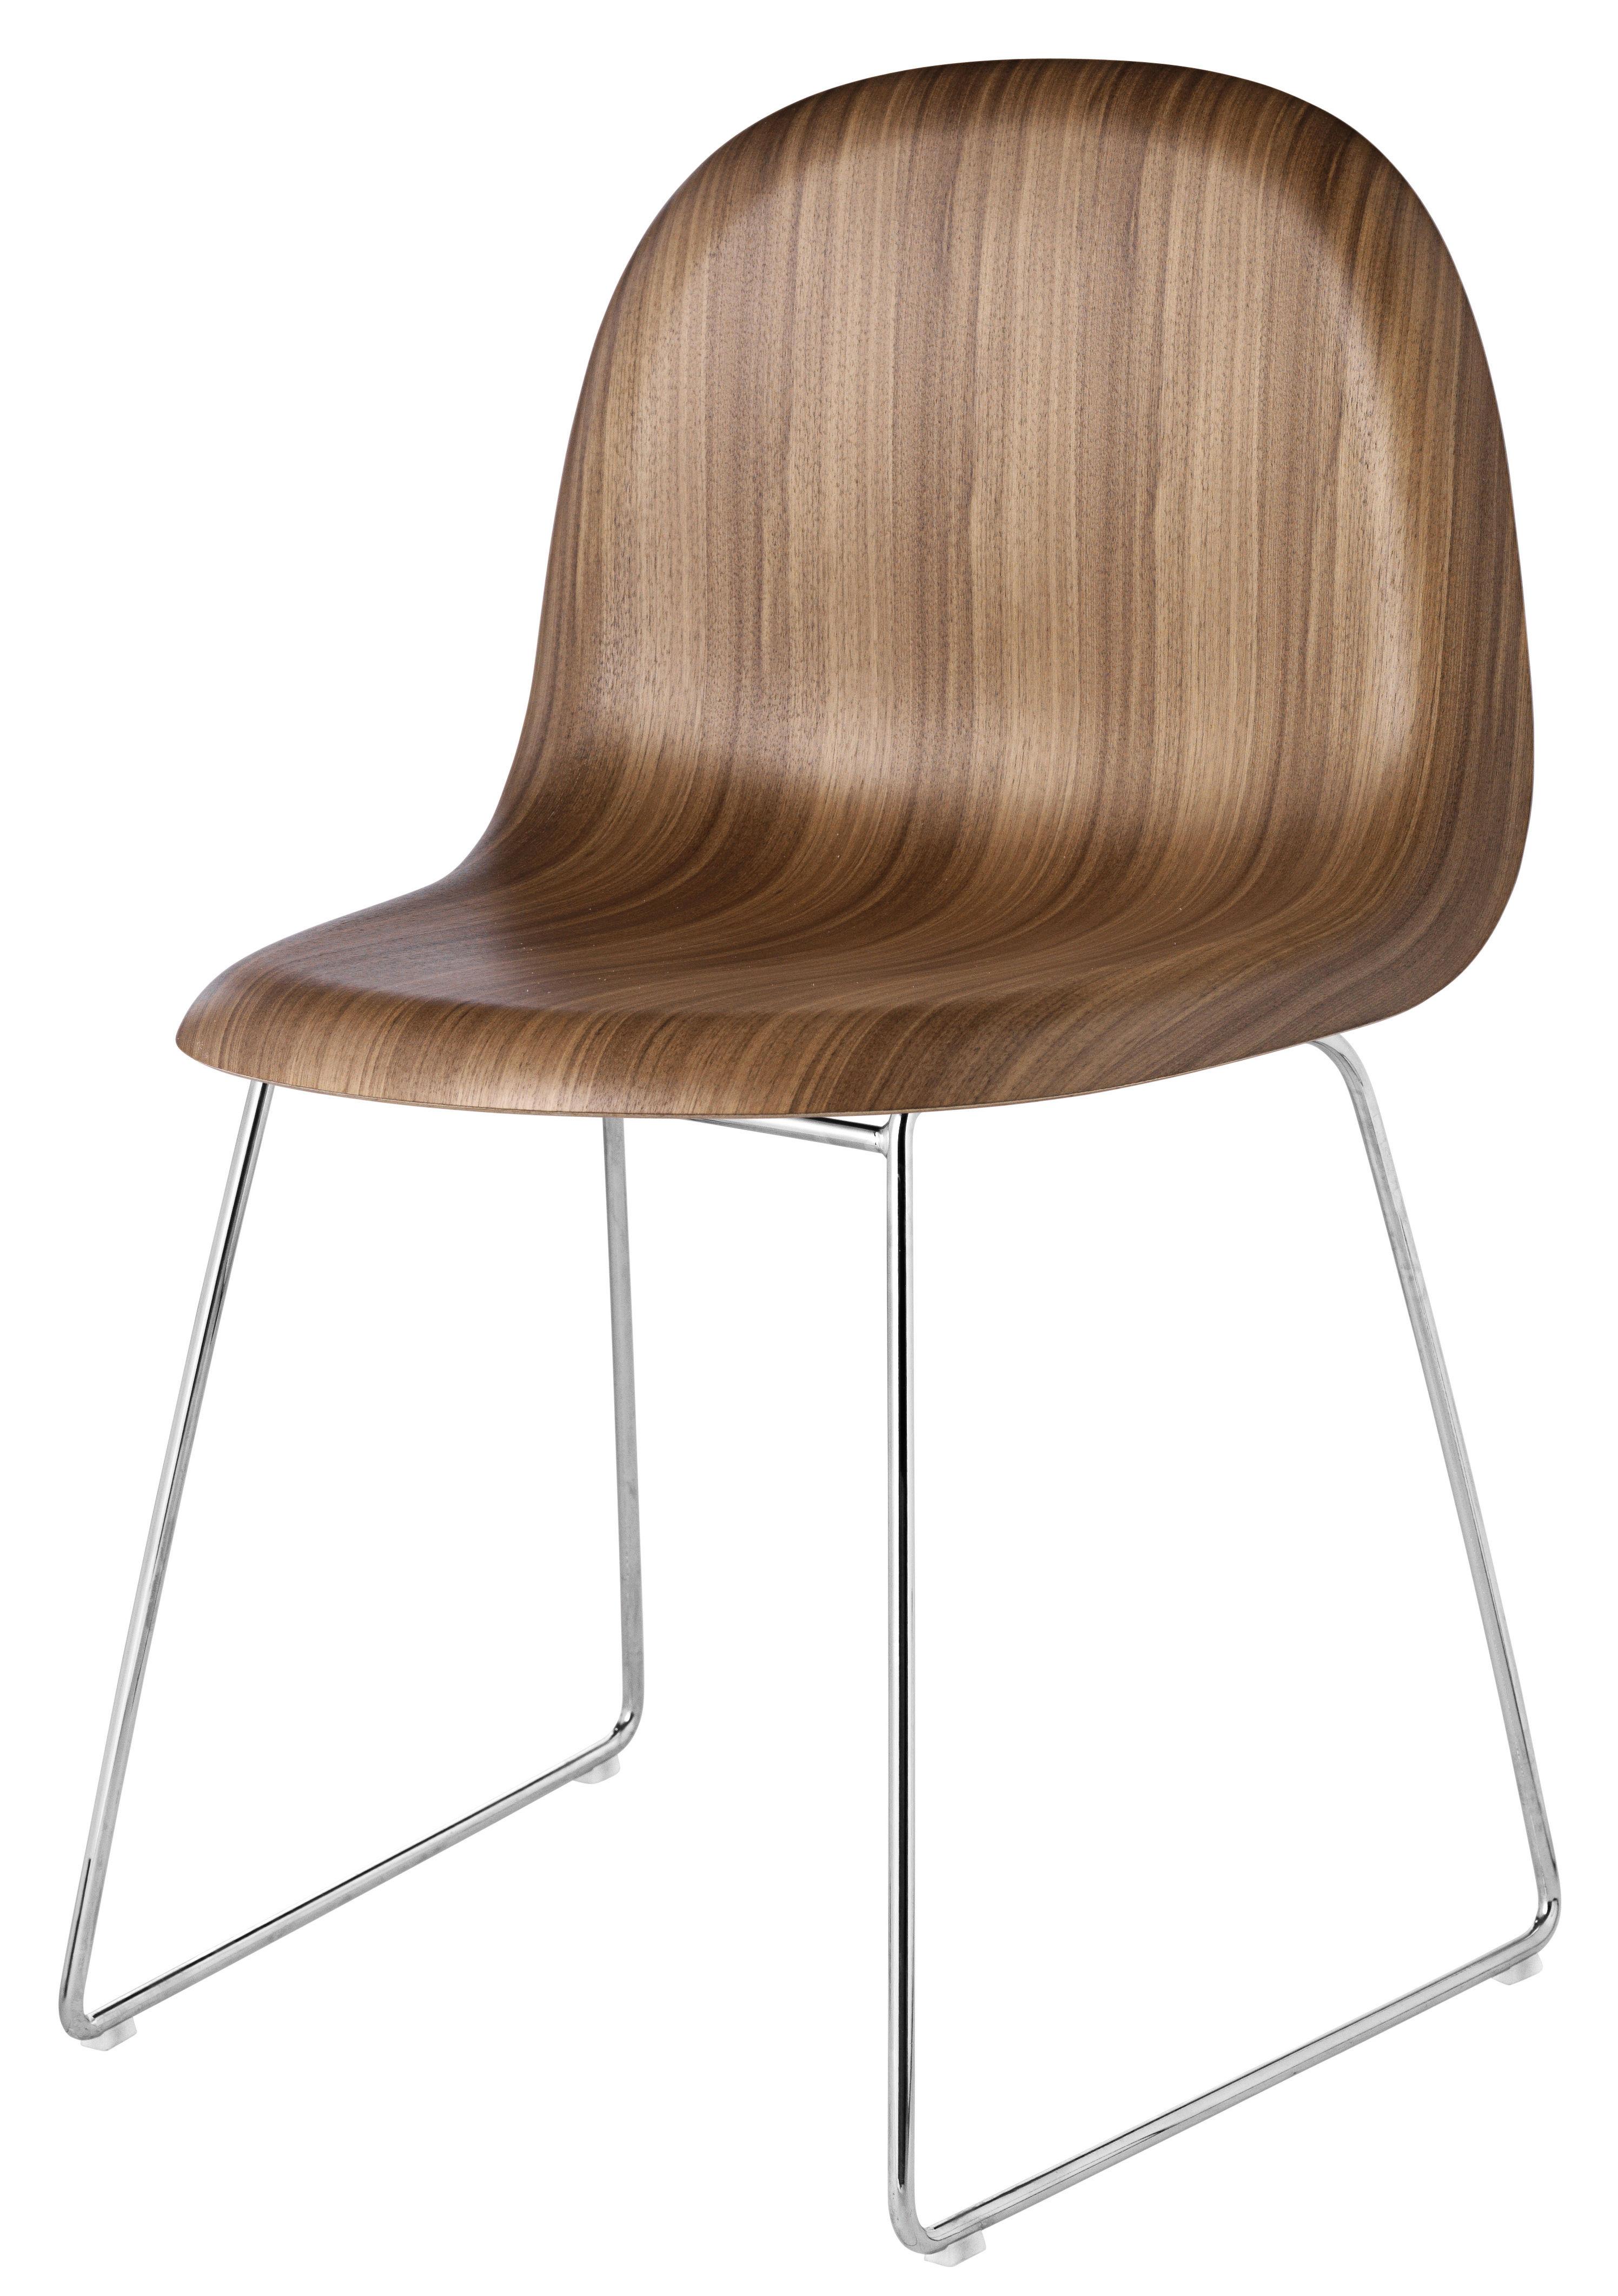 Mobilier - Chaises, fauteuils de salle à manger - Chaise 3D / Coque noyer & pieds métal - Gubi - Coque noyer / Piètement chromé - Acier chromé, Contreplaqué de noyer